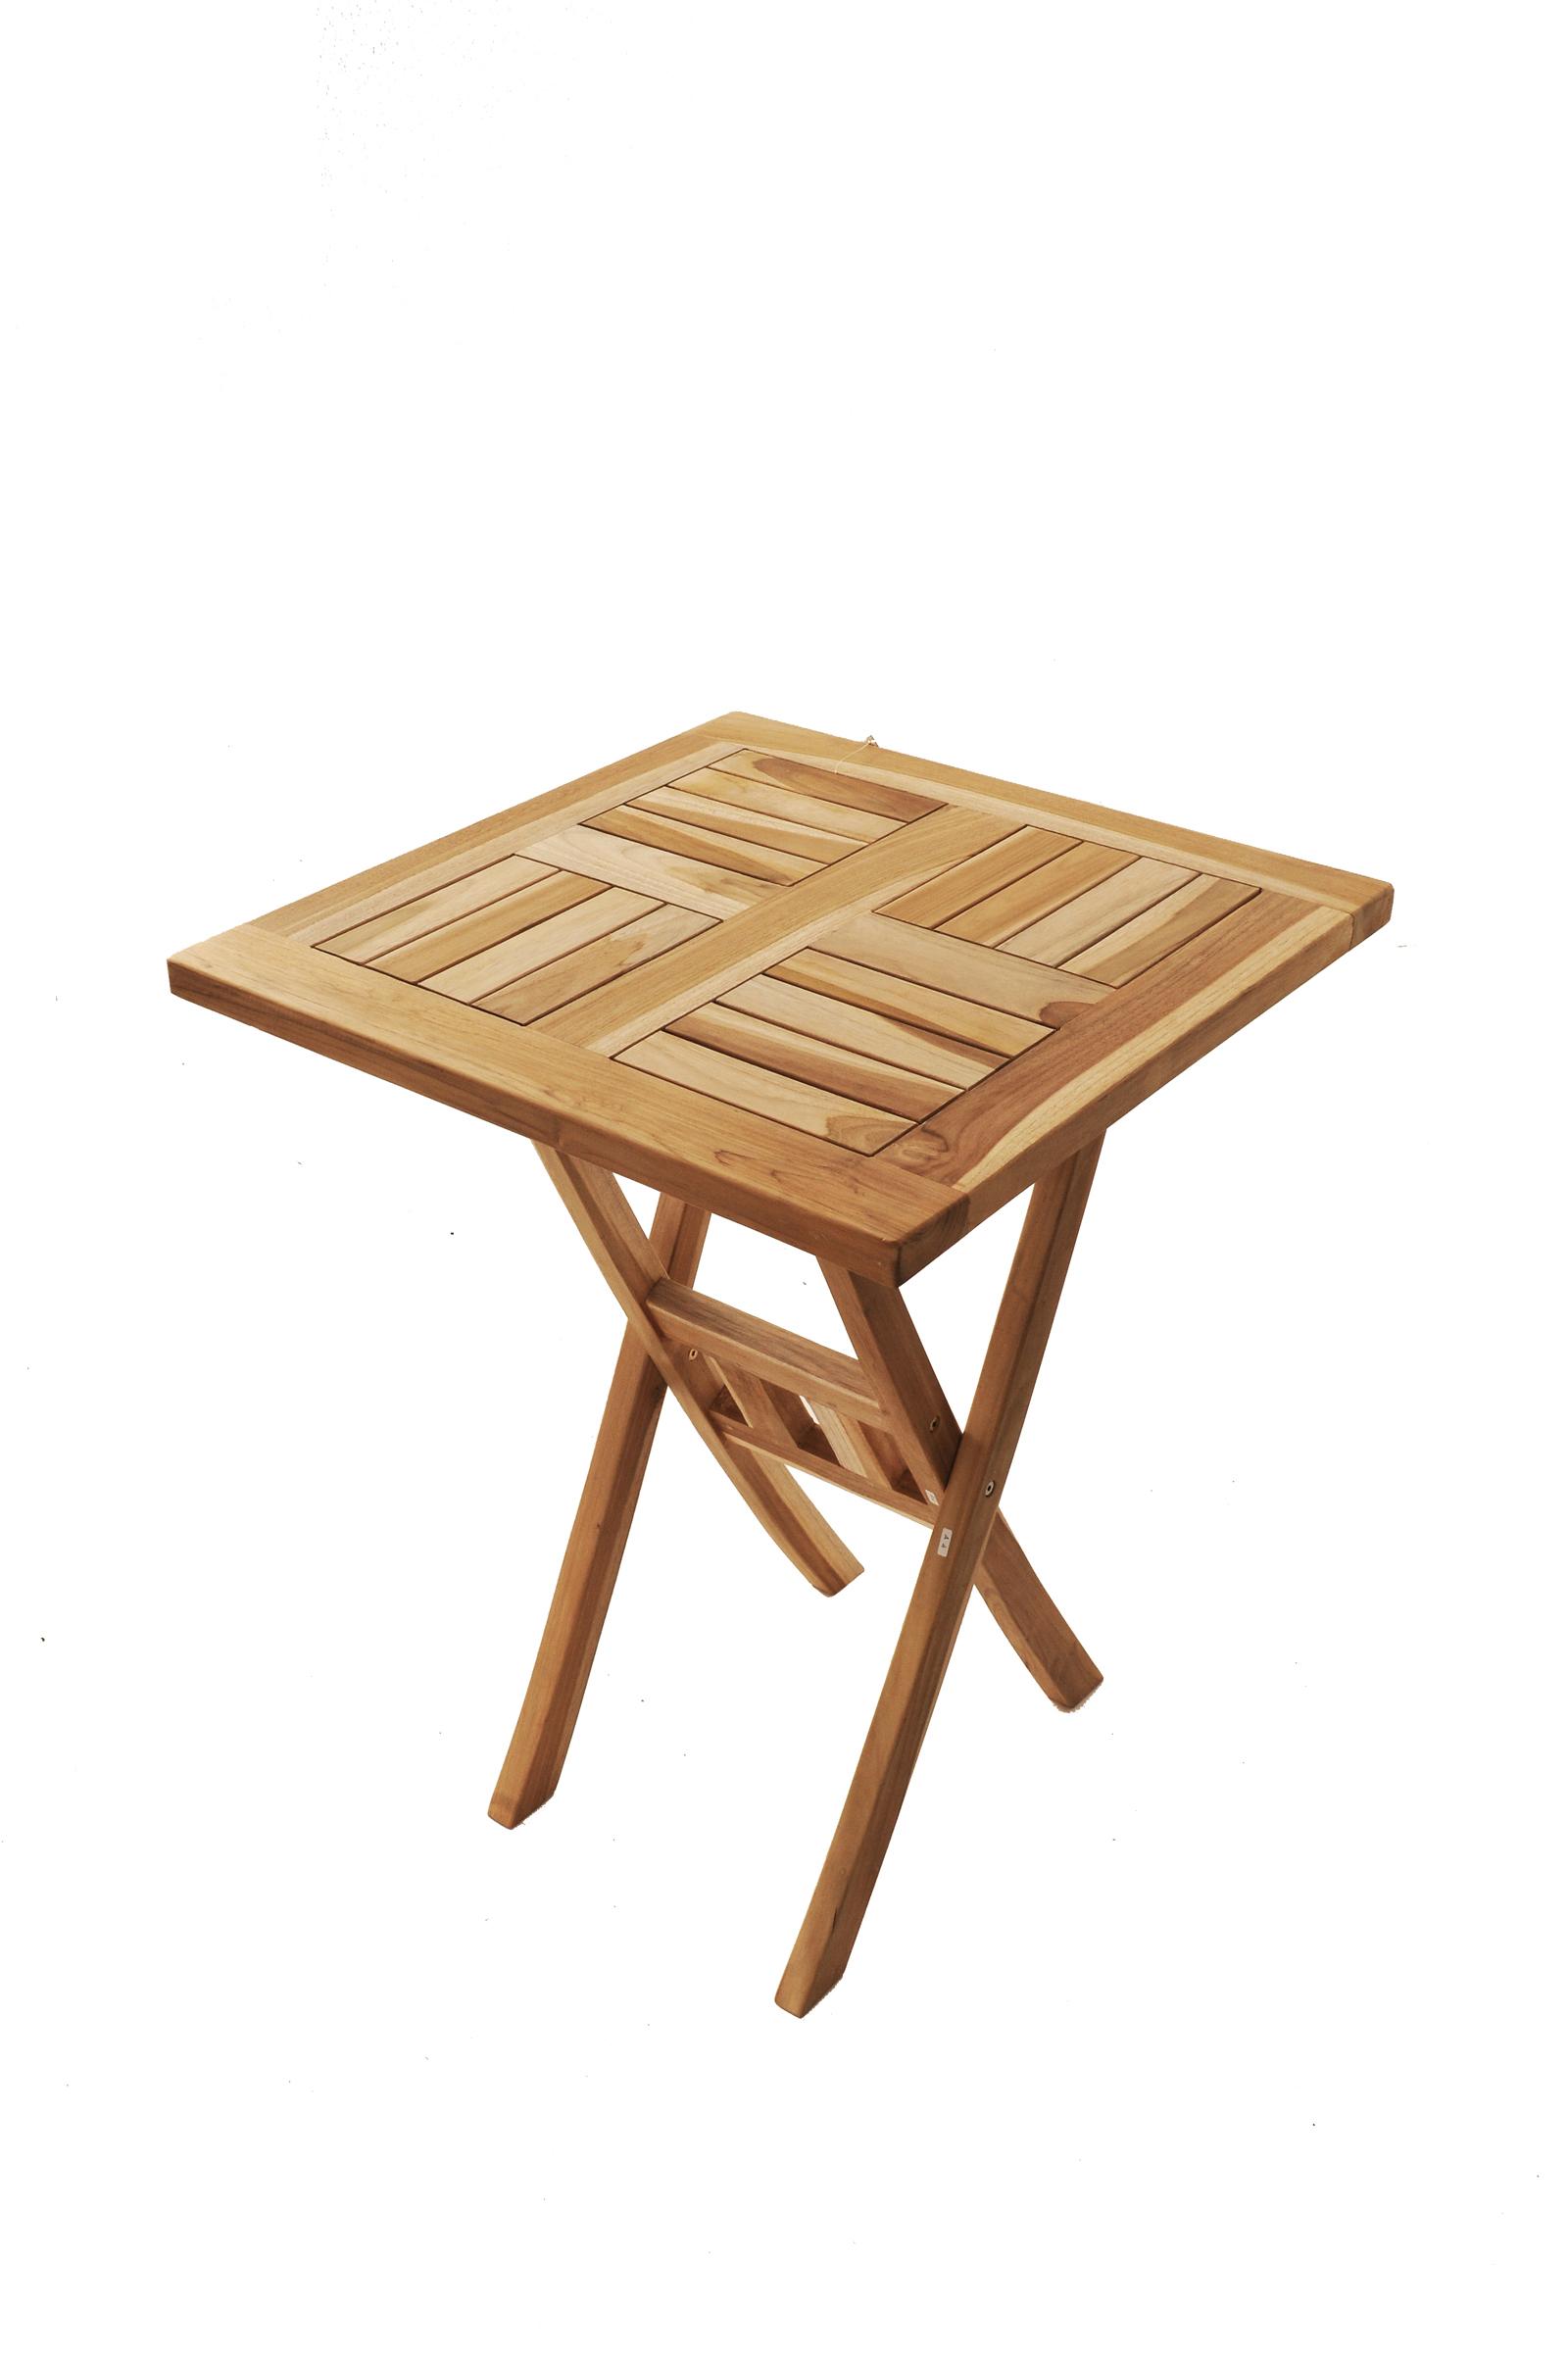 Full Size of Gartentisch Klappbar Holz Ausziehbar Ikea Rund Metall 80x80 Obi Holzoptik Eckig Alu Balkontisch Klappbare Gnstig Kaufen Esstische Massivholz Bad Waschtisch Wohnzimmer Gartentisch Klappbar Holz